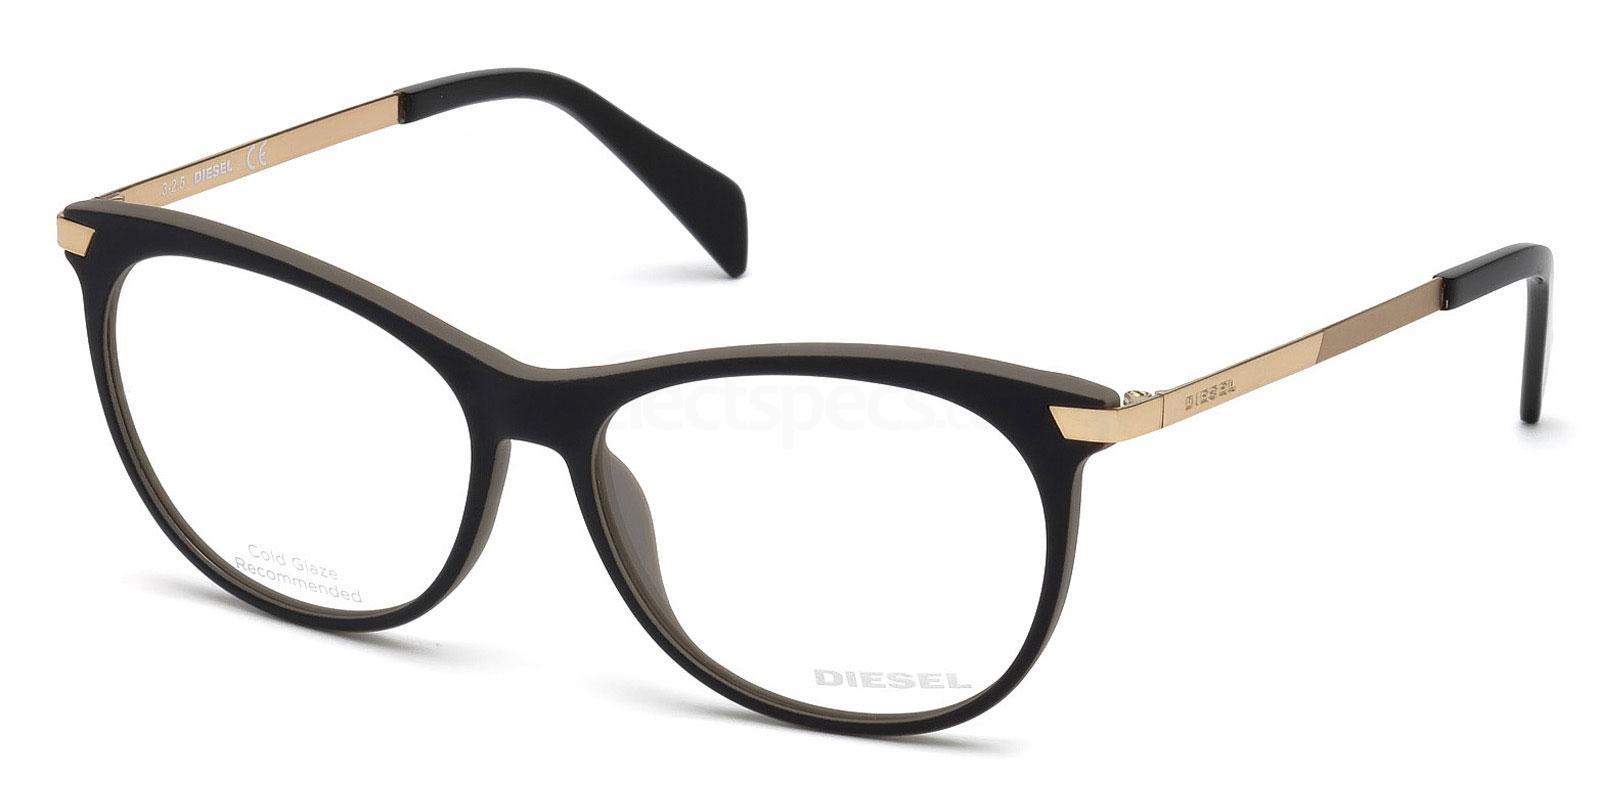 005 DL5219 Glasses, Diesel